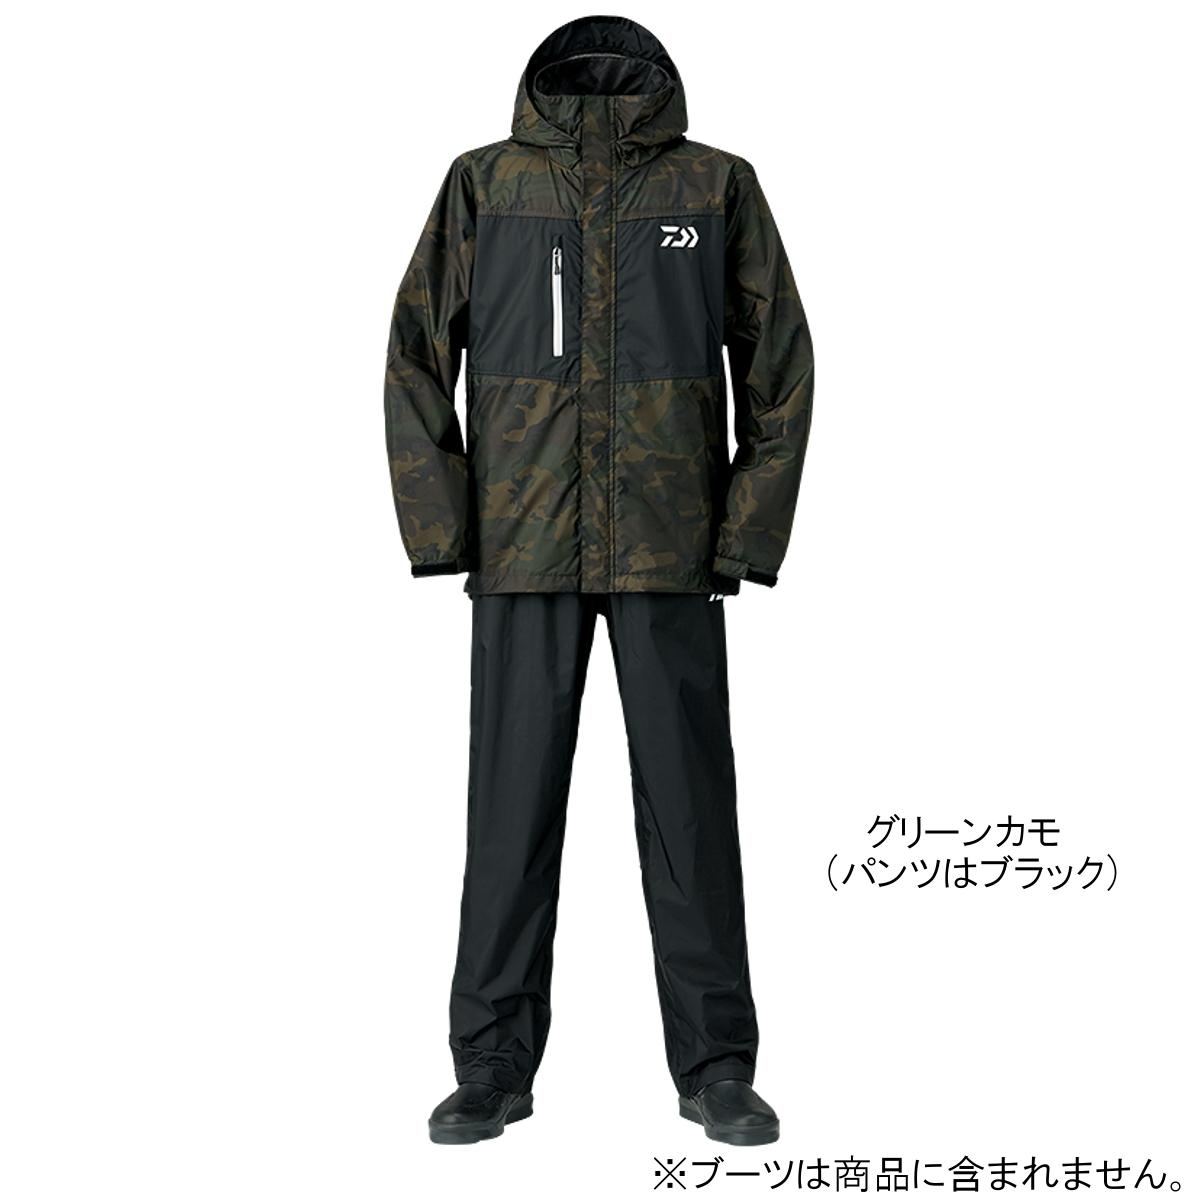 ダイワ レインマックス レインスーツ DR-36008 XL グリーンカモ(東日本店)